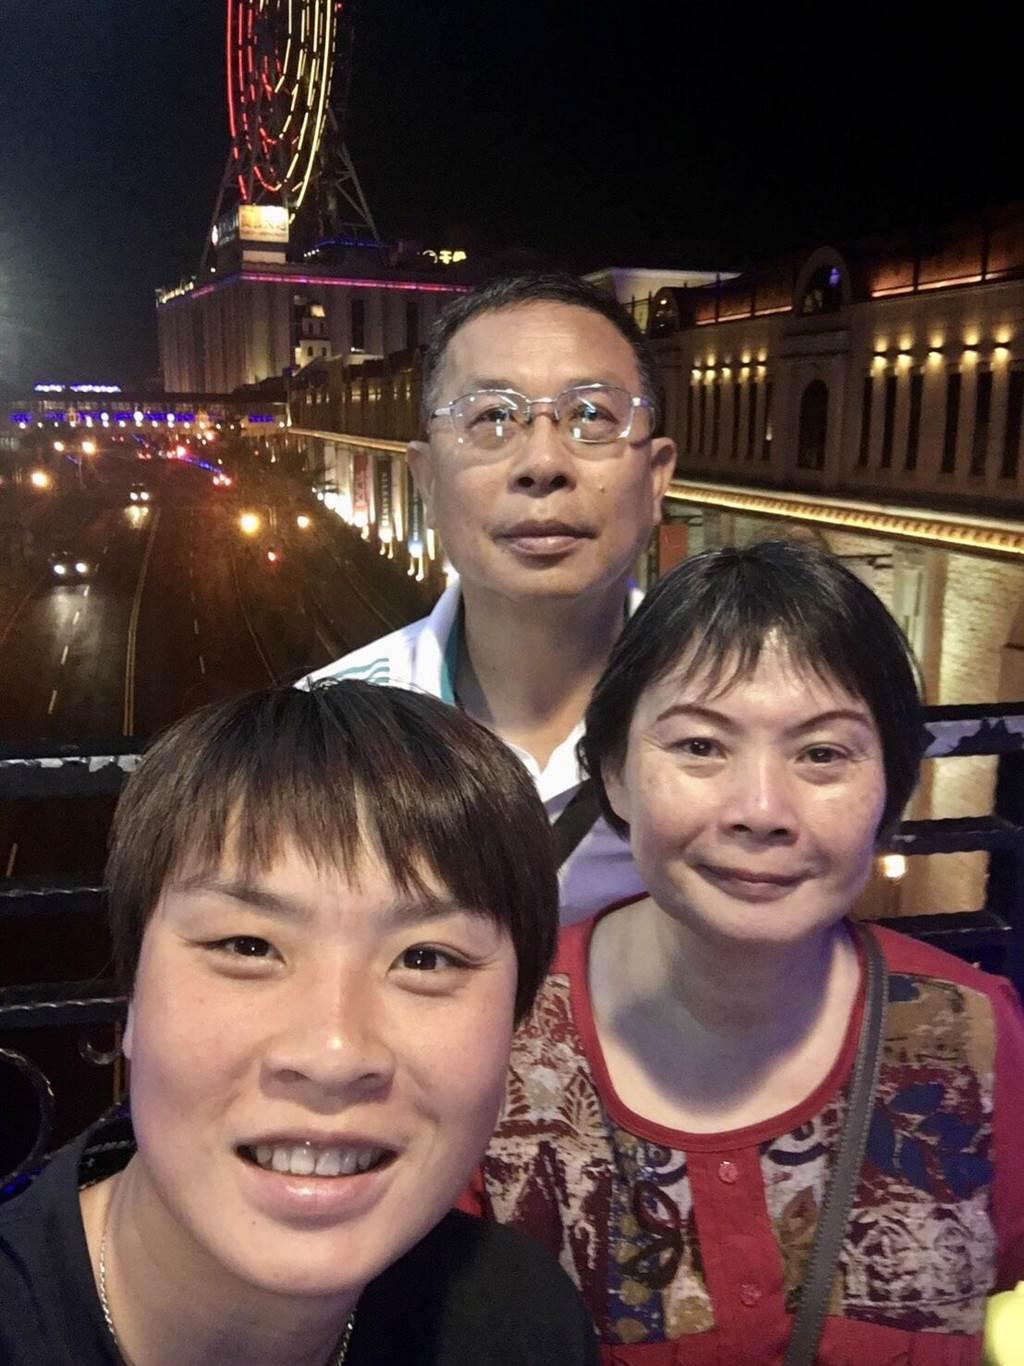 台灣首位參加奧運輕艇女將張筑涵感謝爸爸一路以來的支持。(台中市政府提供)